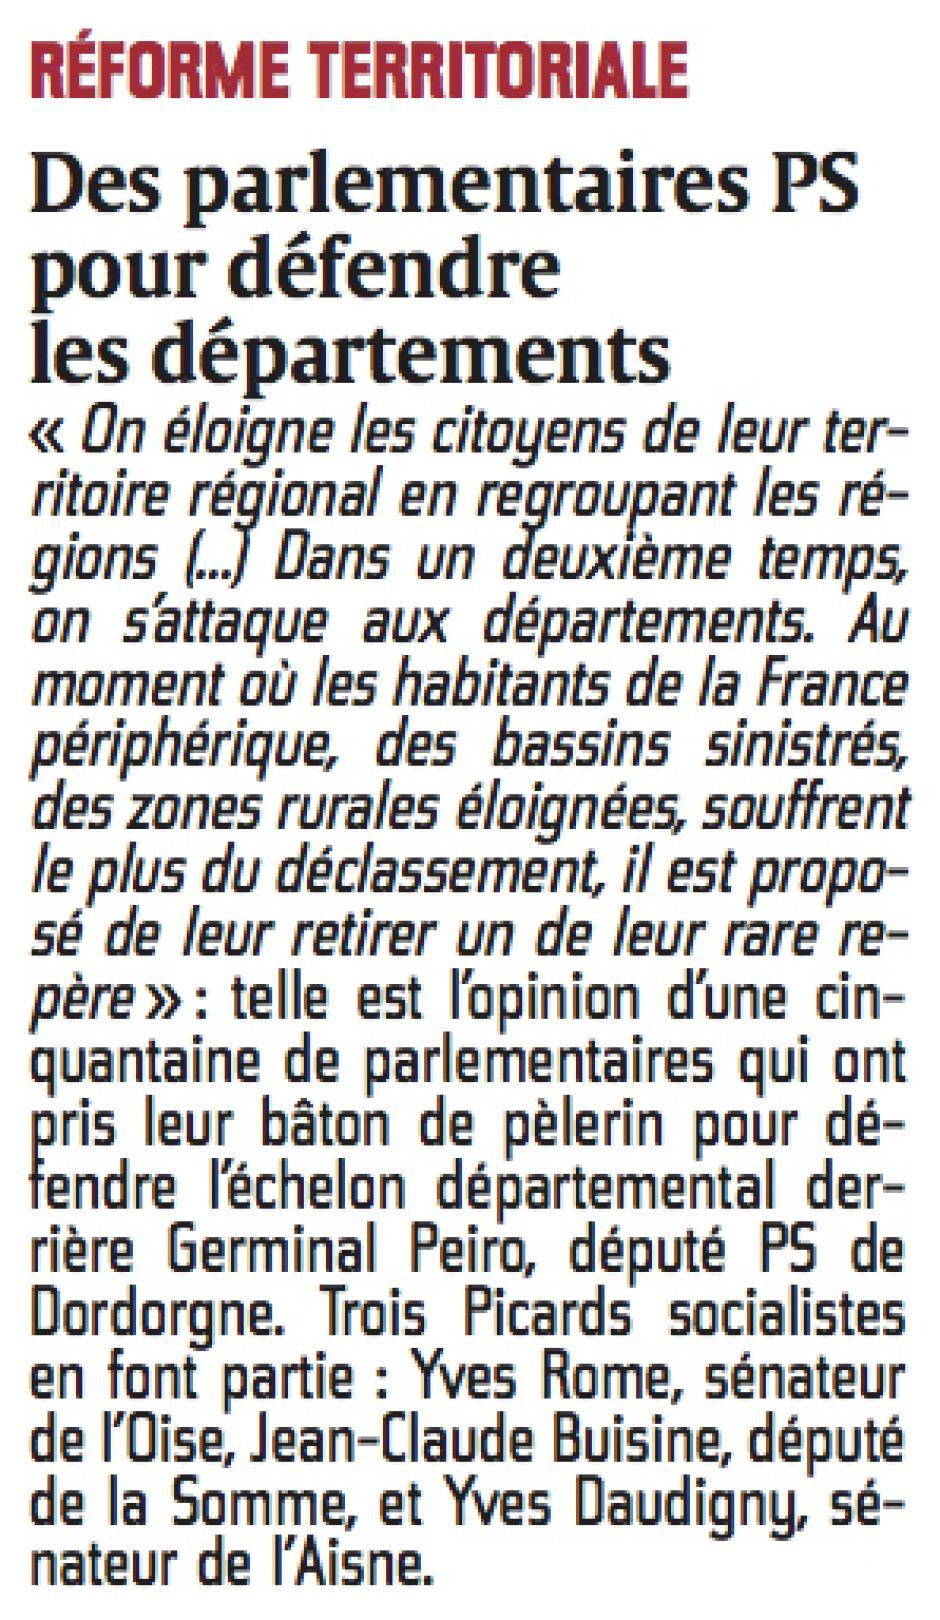 20141025-CP-Picardie-Des parlementaires PS pour défendre les départements